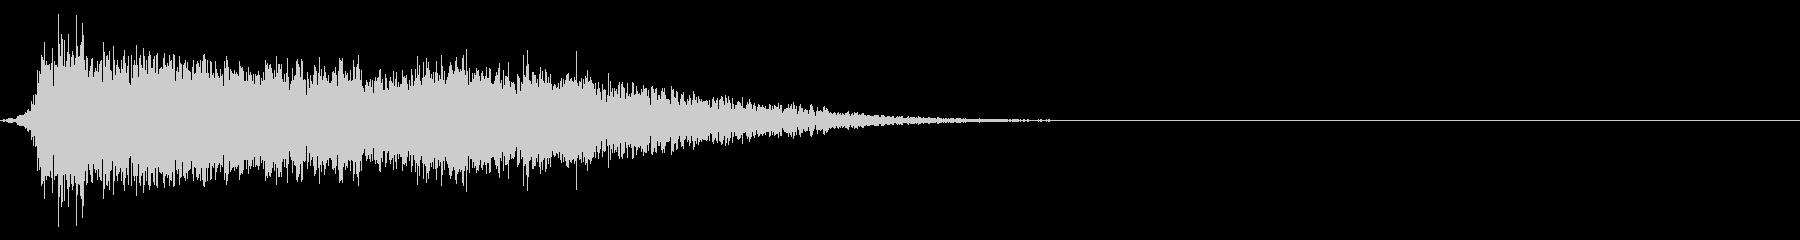 コミカルなダッシュ!ジャンプ効果音!6bの未再生の波形